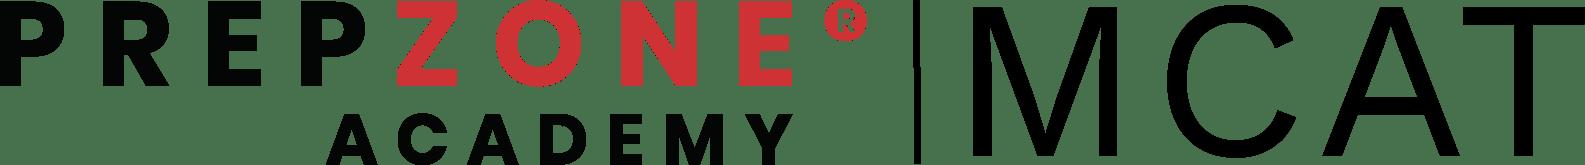 Prep Zone Academy | MCAT